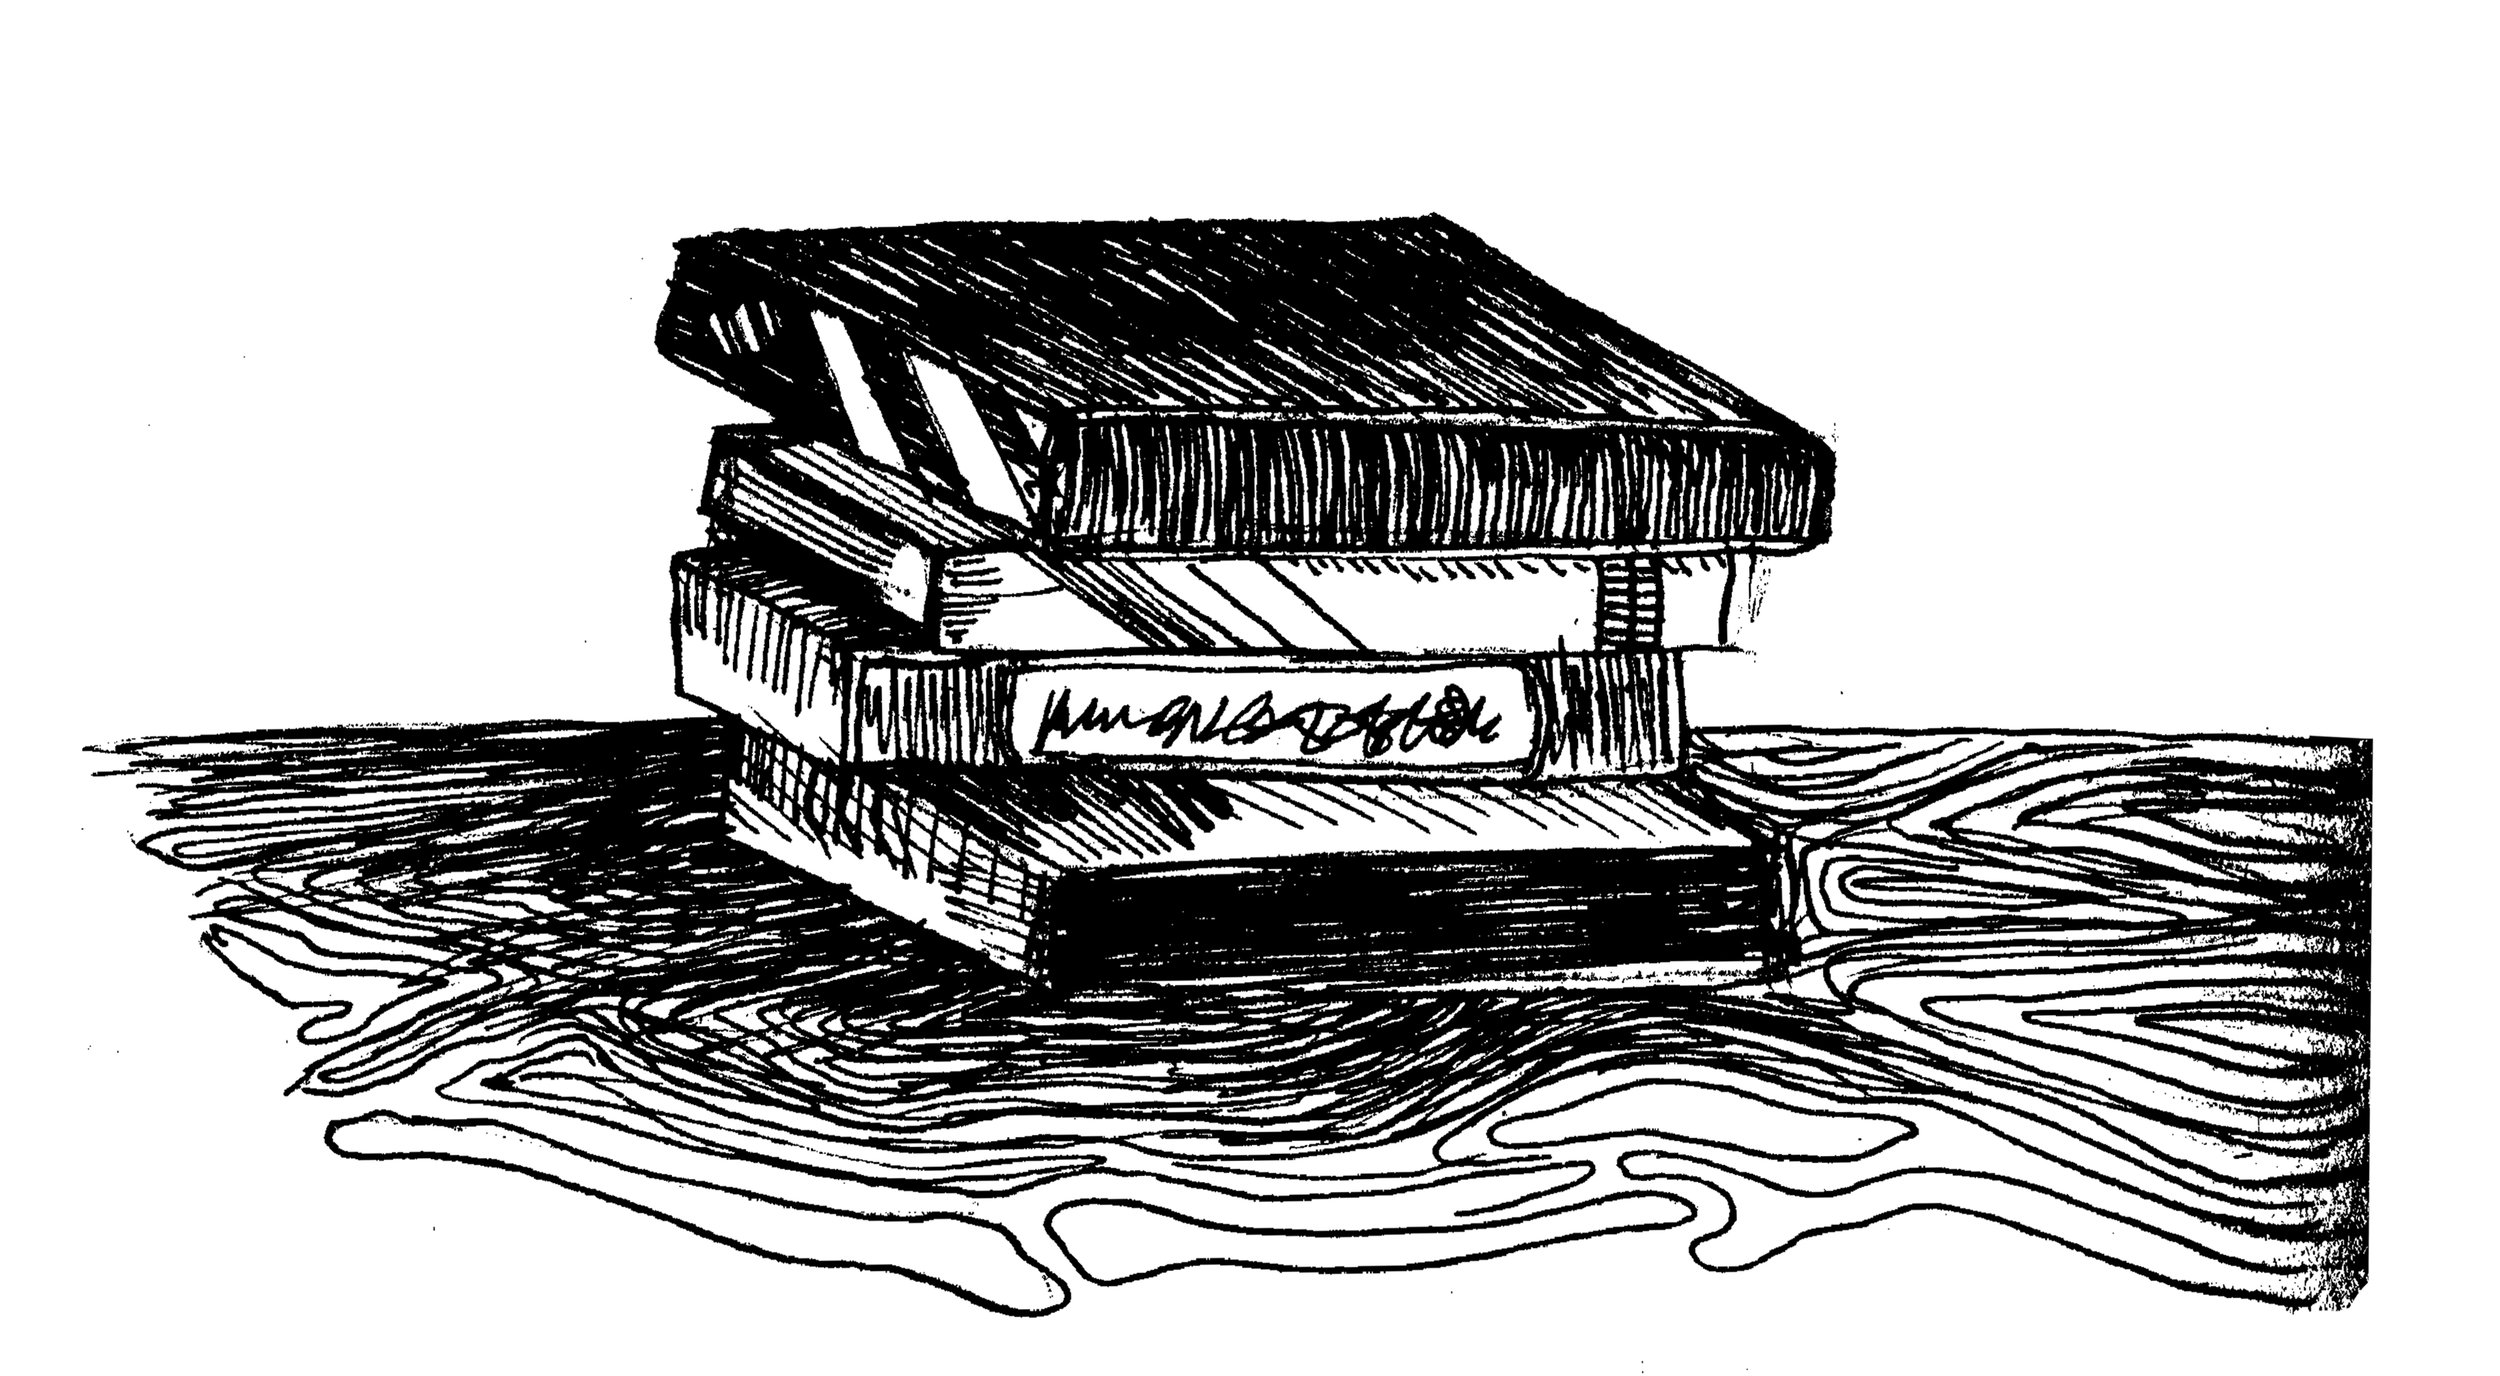 Illustrations by Matt Lamourt